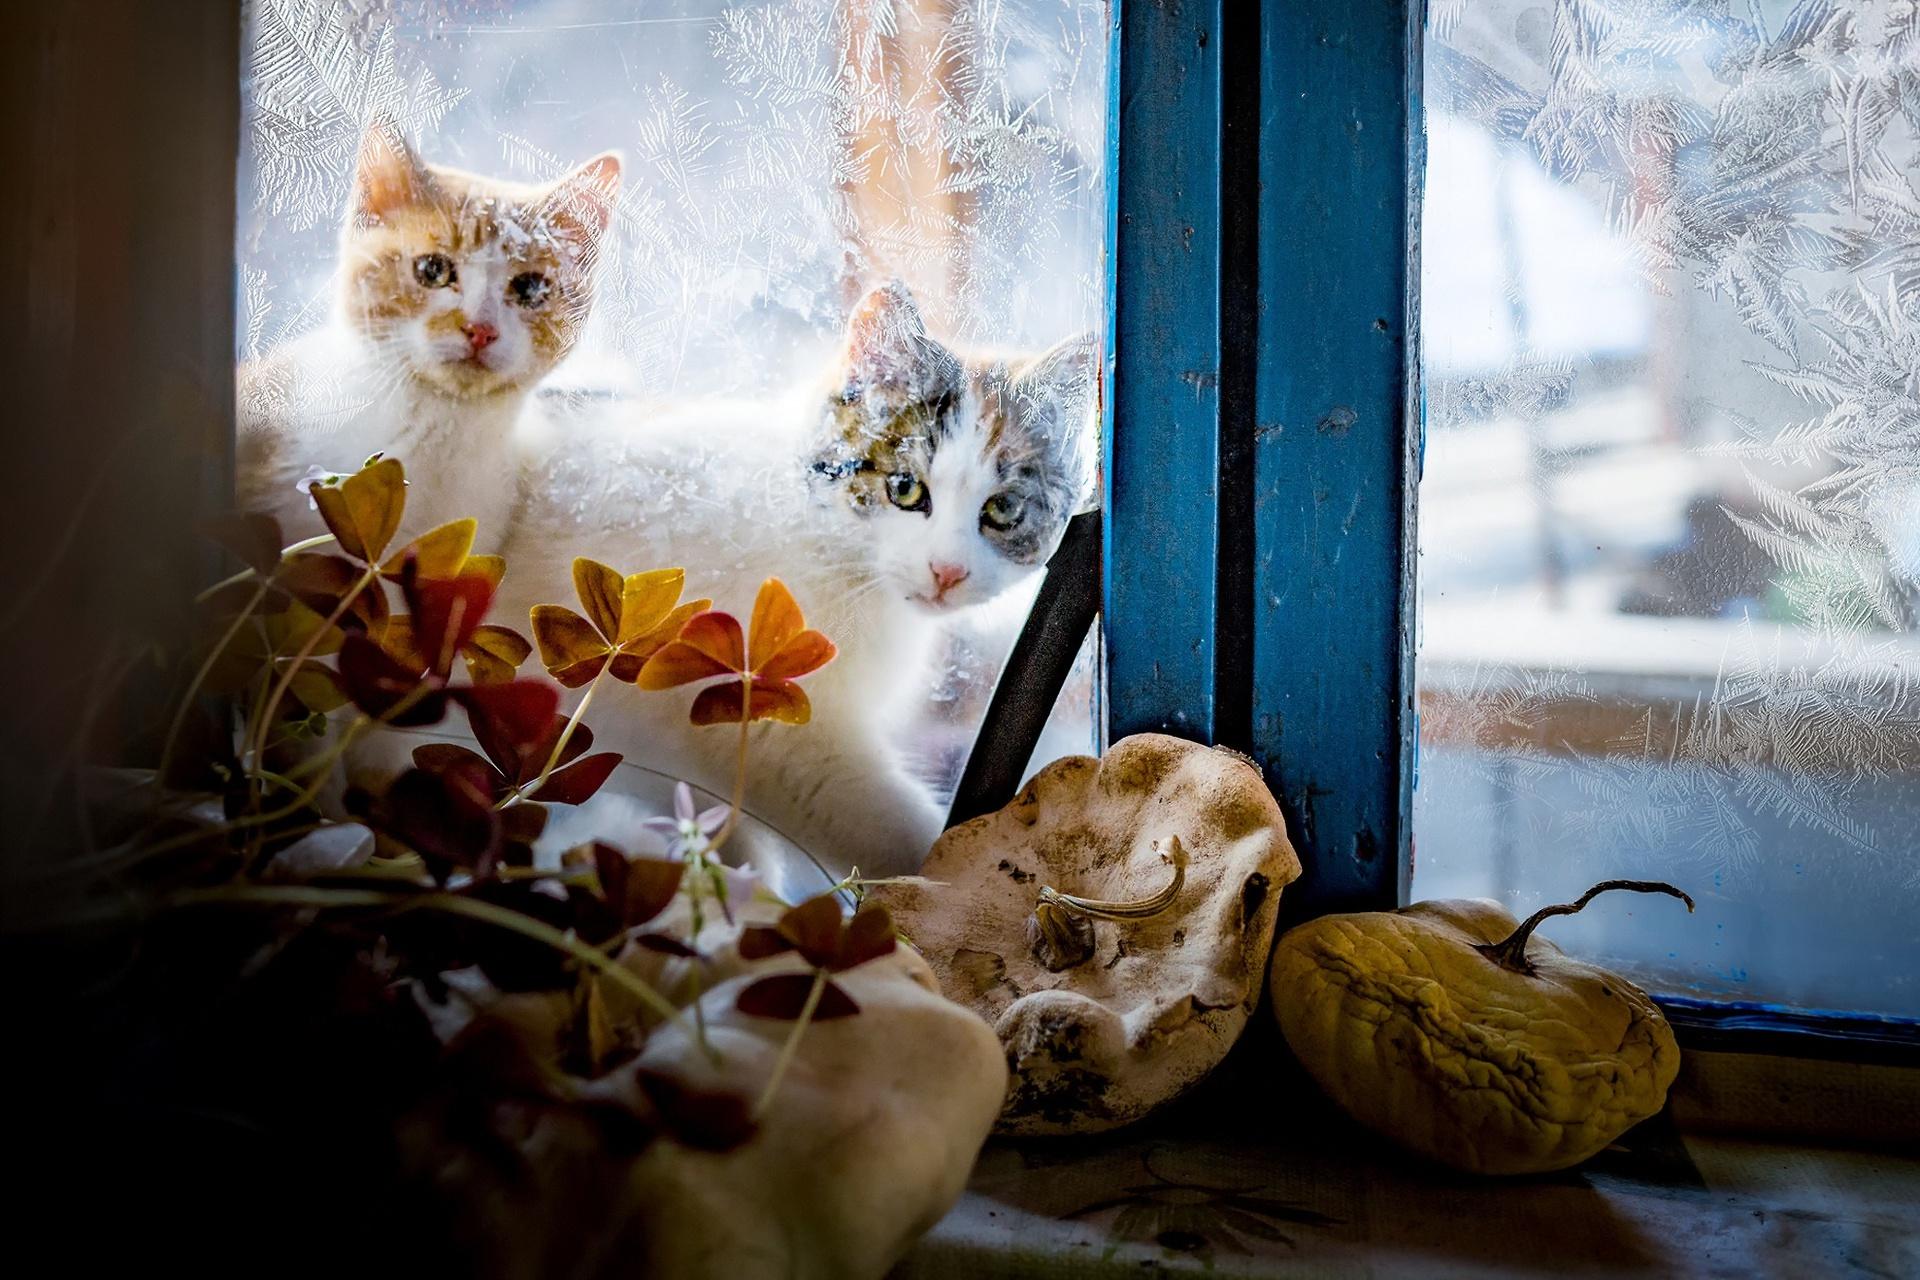 Картинки два котика черный и рыжий под пледом у окна зимой